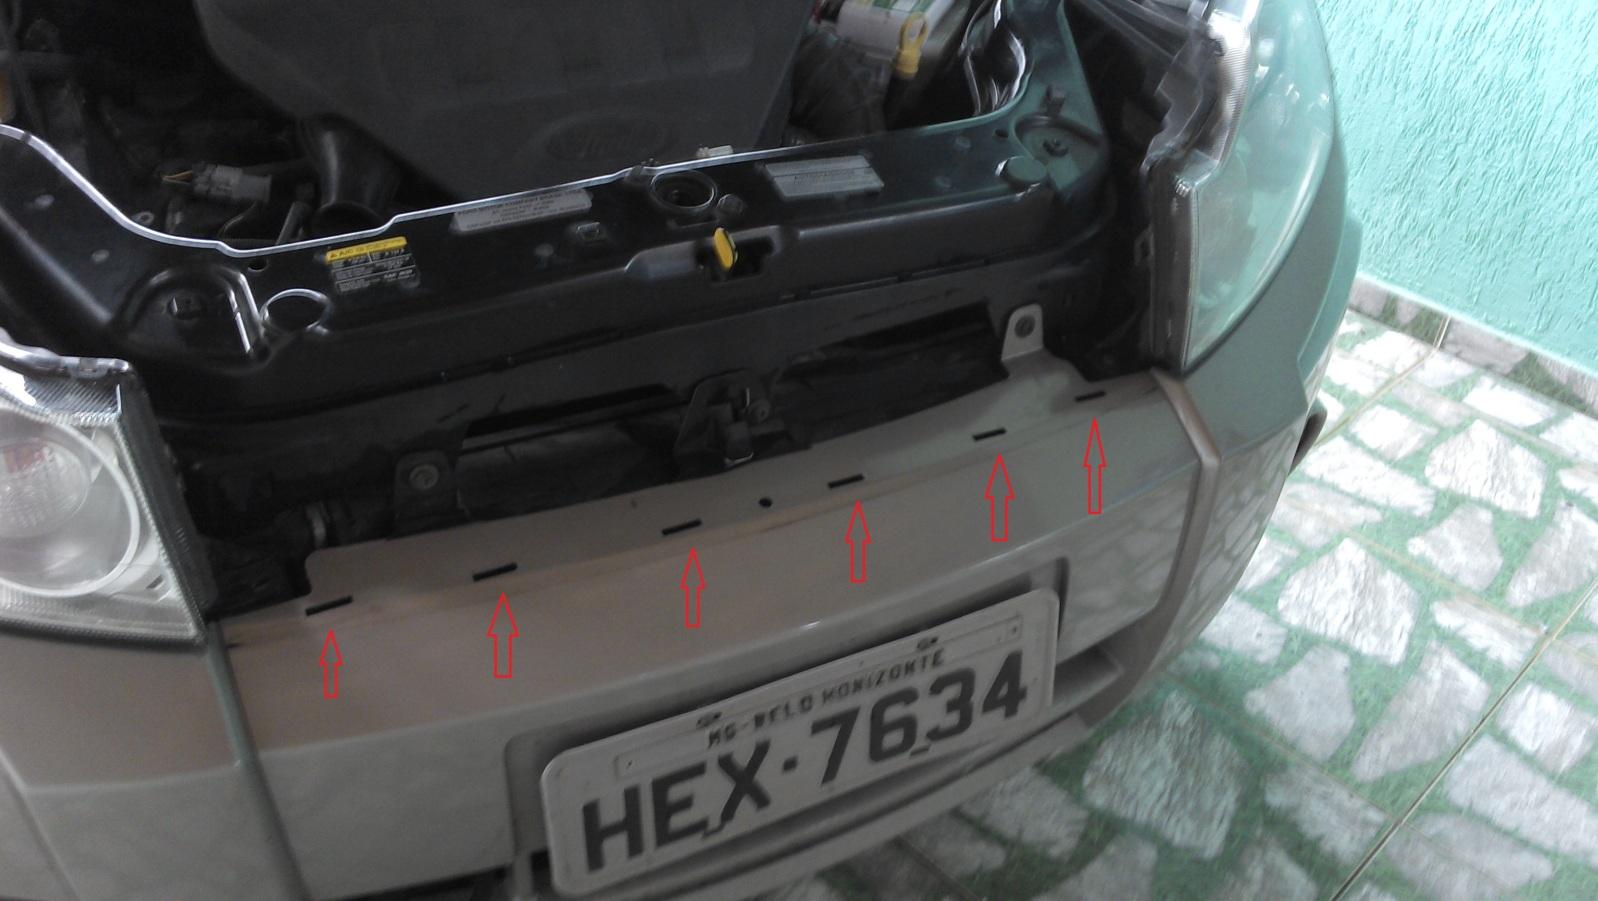 Retirar a grade dianteira do Ecosport 2012 modelo antigo 9zu61i